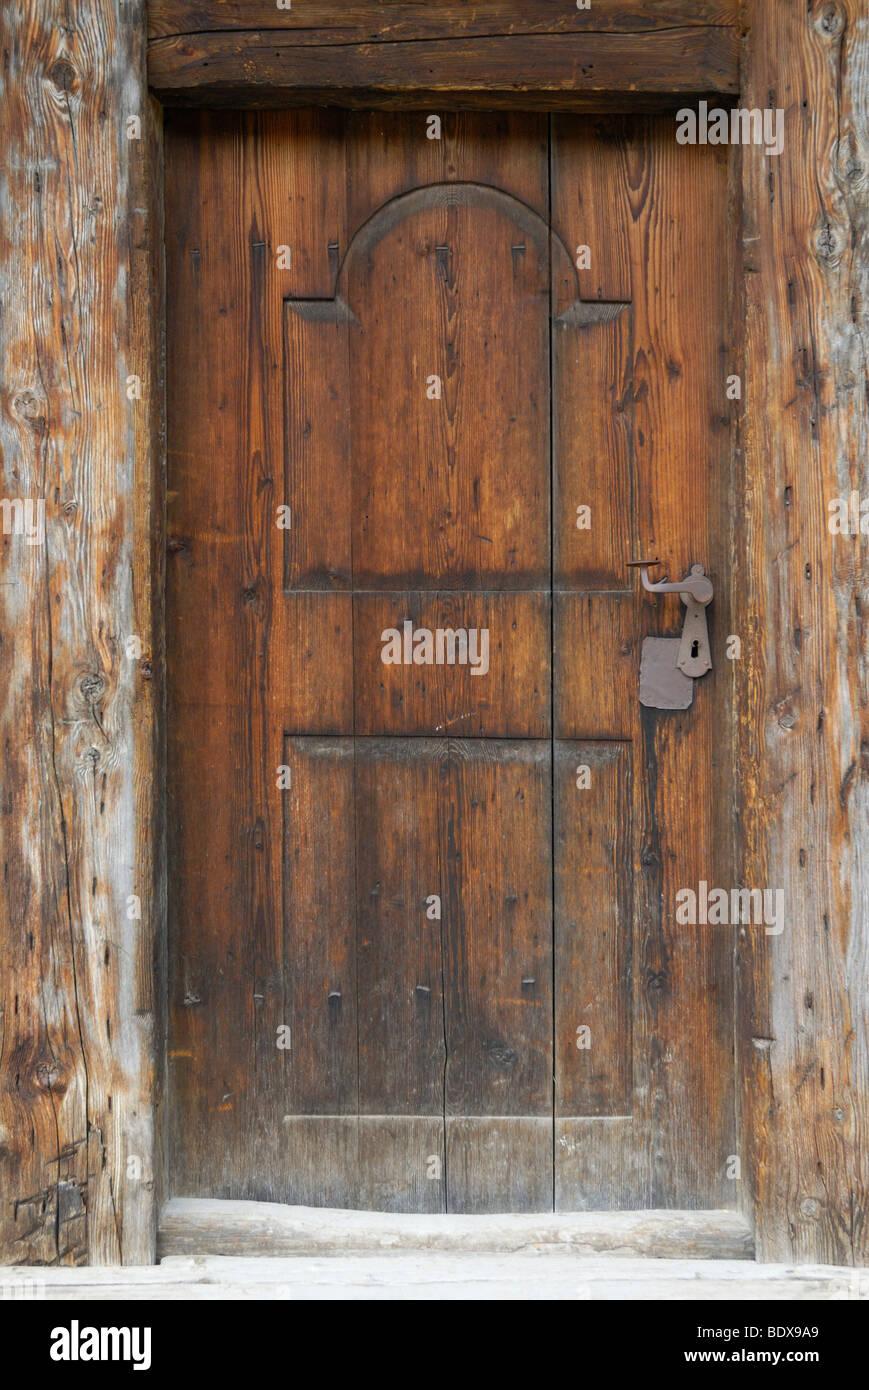 Puertas de madera antiguas affordable interesting puertas - Puerta madera antigua ...